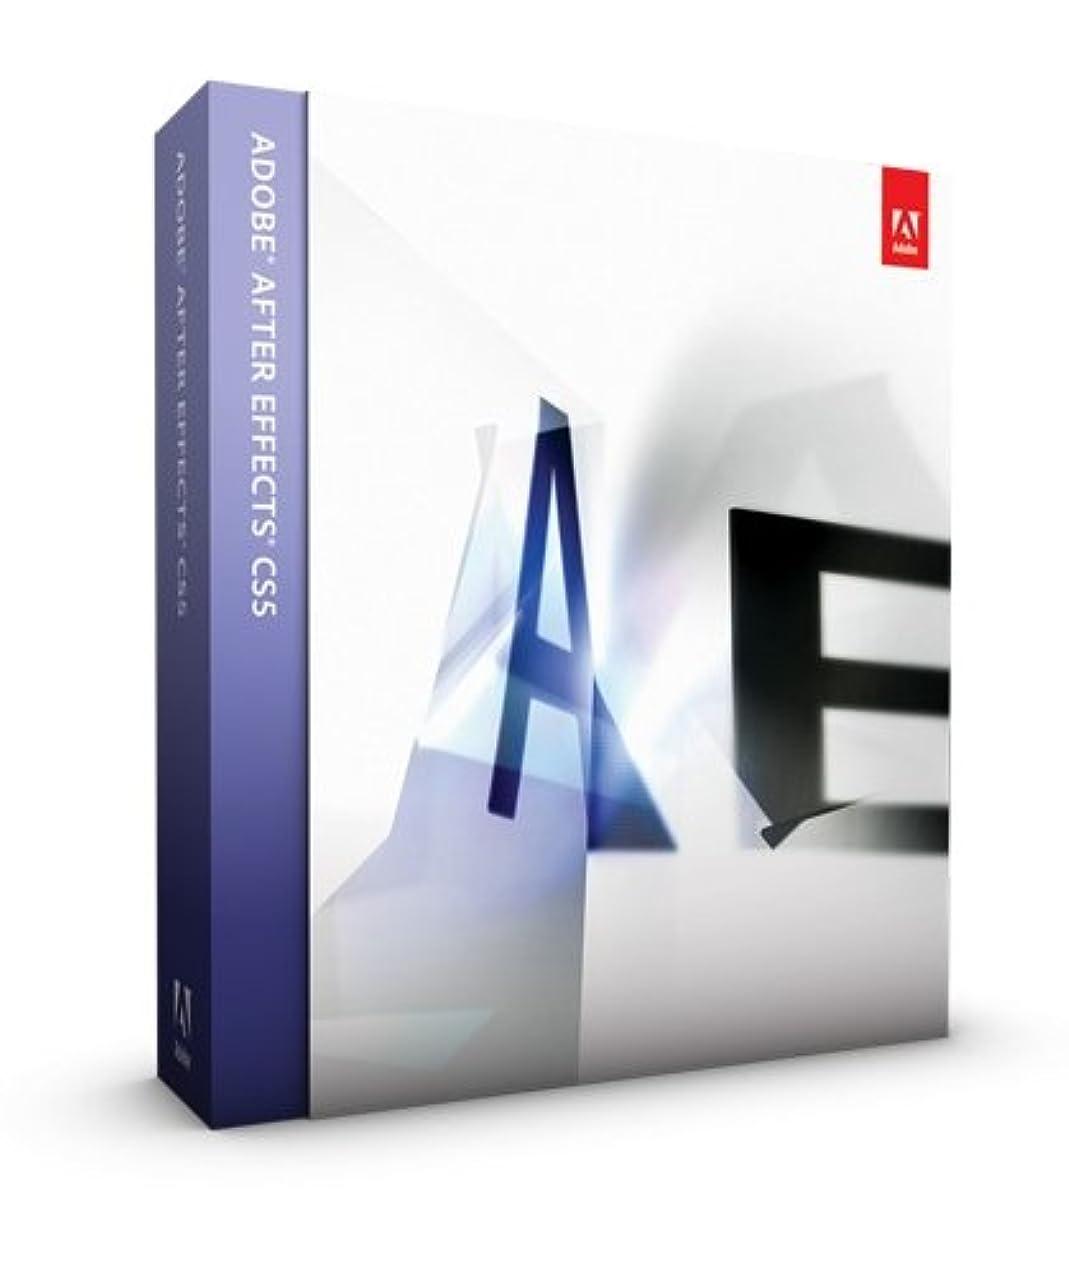 相談切り刻むスリラーAdobe After Effects CS5 Macintosh版 (64bit) (旧製品)